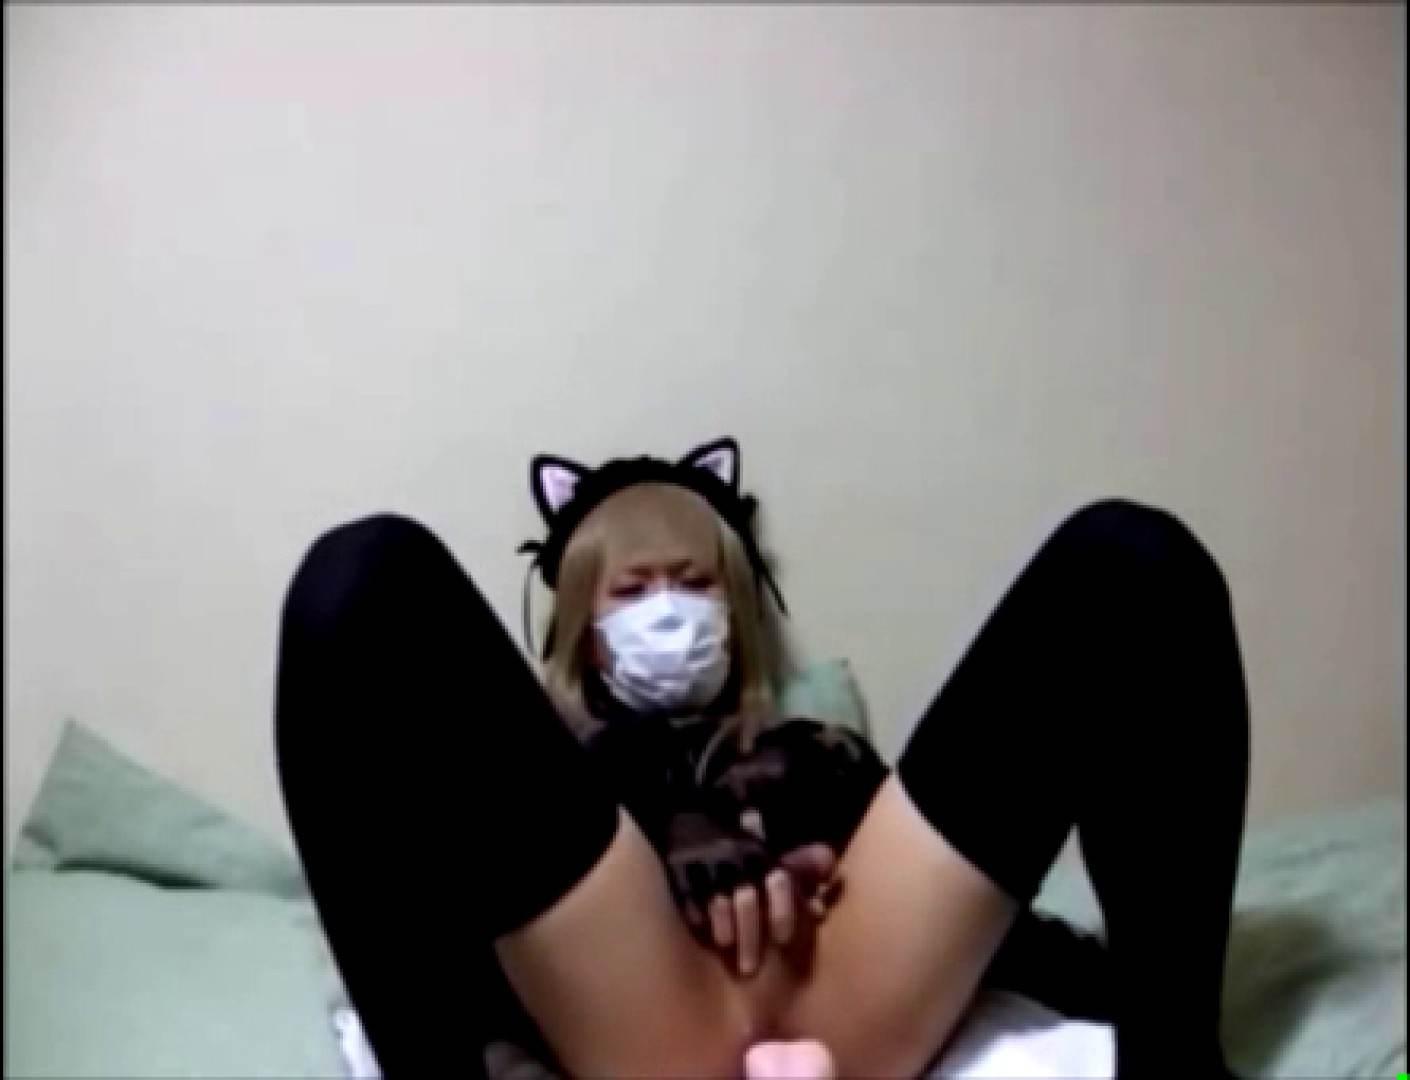 男のKOスプレー!Vol.12 男どうし ゲイエロビデオ画像 105pic 85